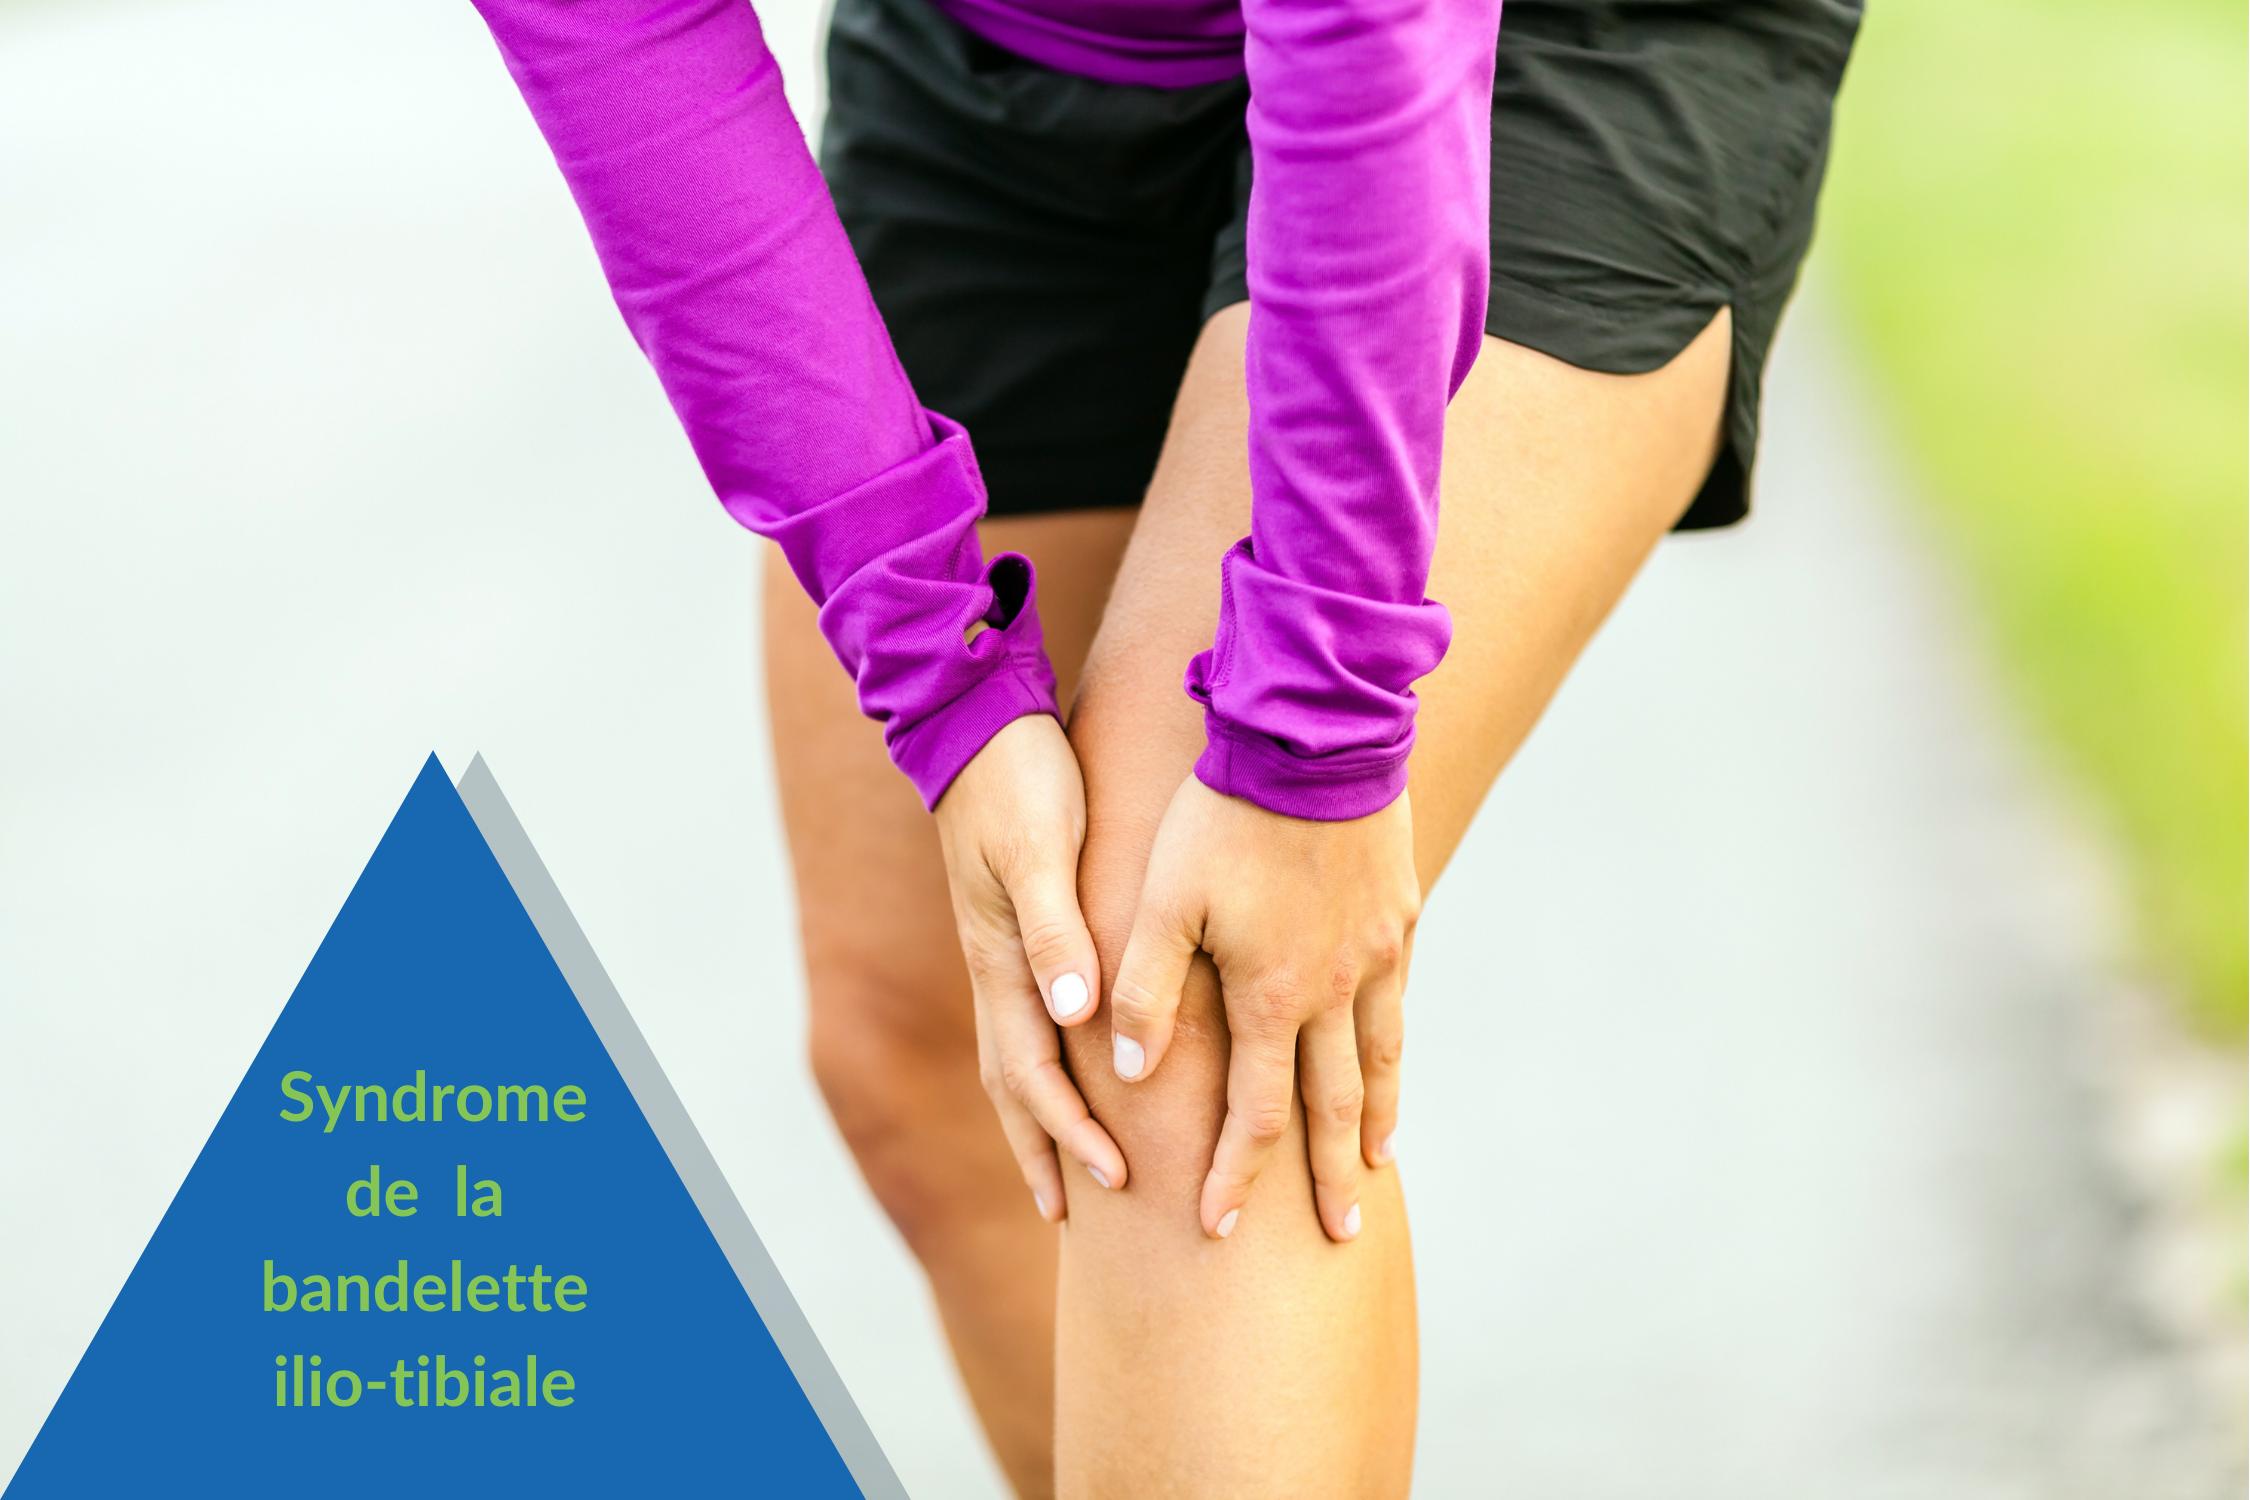 Syndrome de la bandelette ilio-tibiale - pathologie de la course à pied